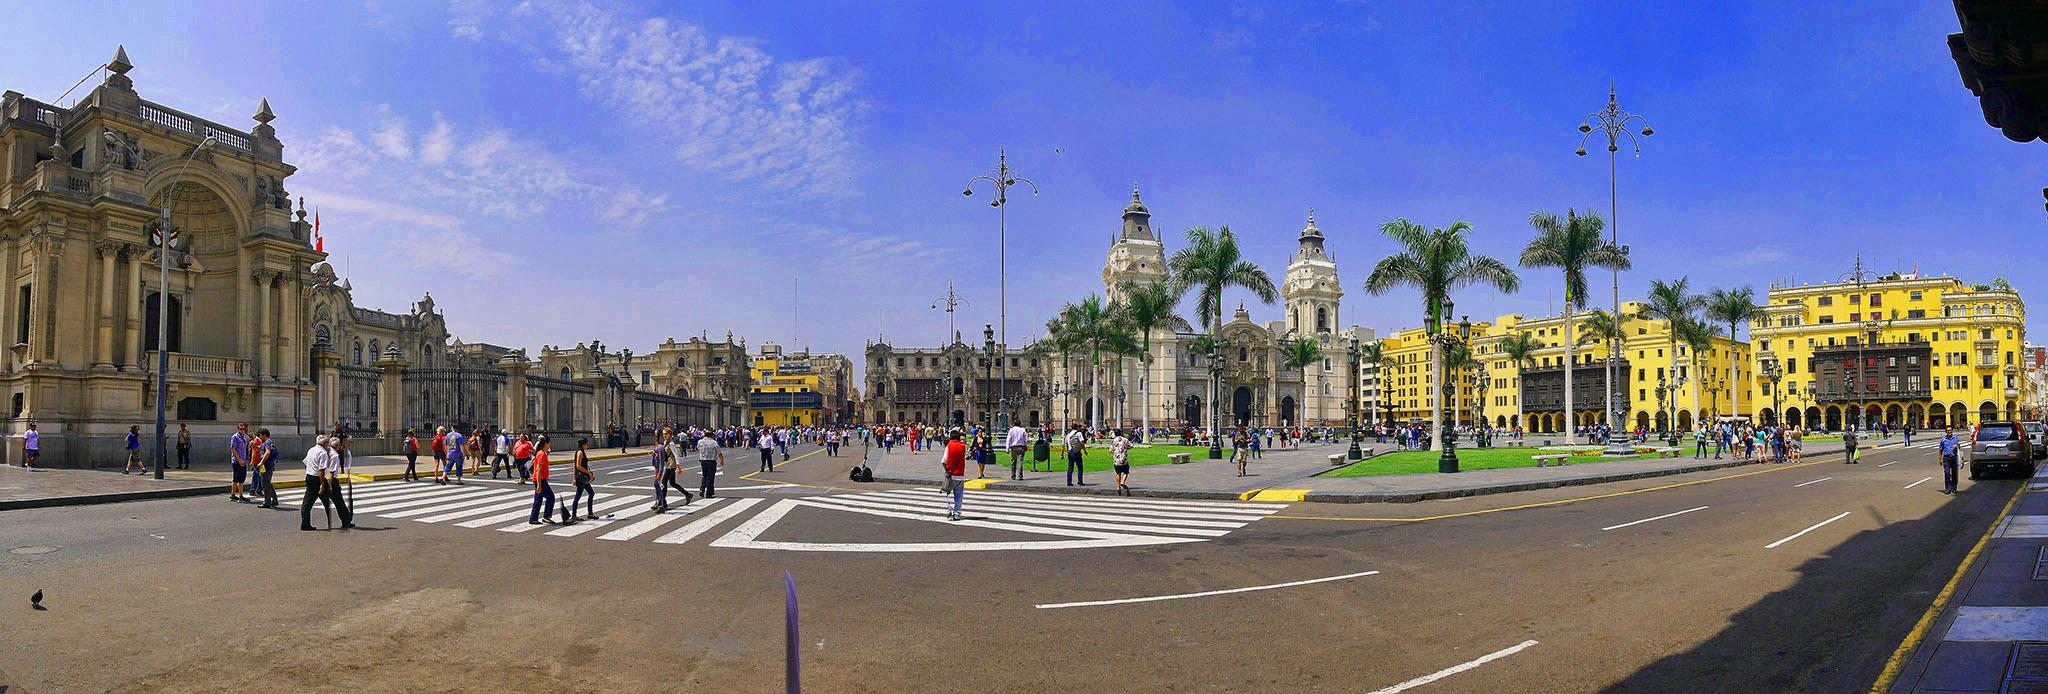 Plaza_de_Armas,_Lima,_Peru